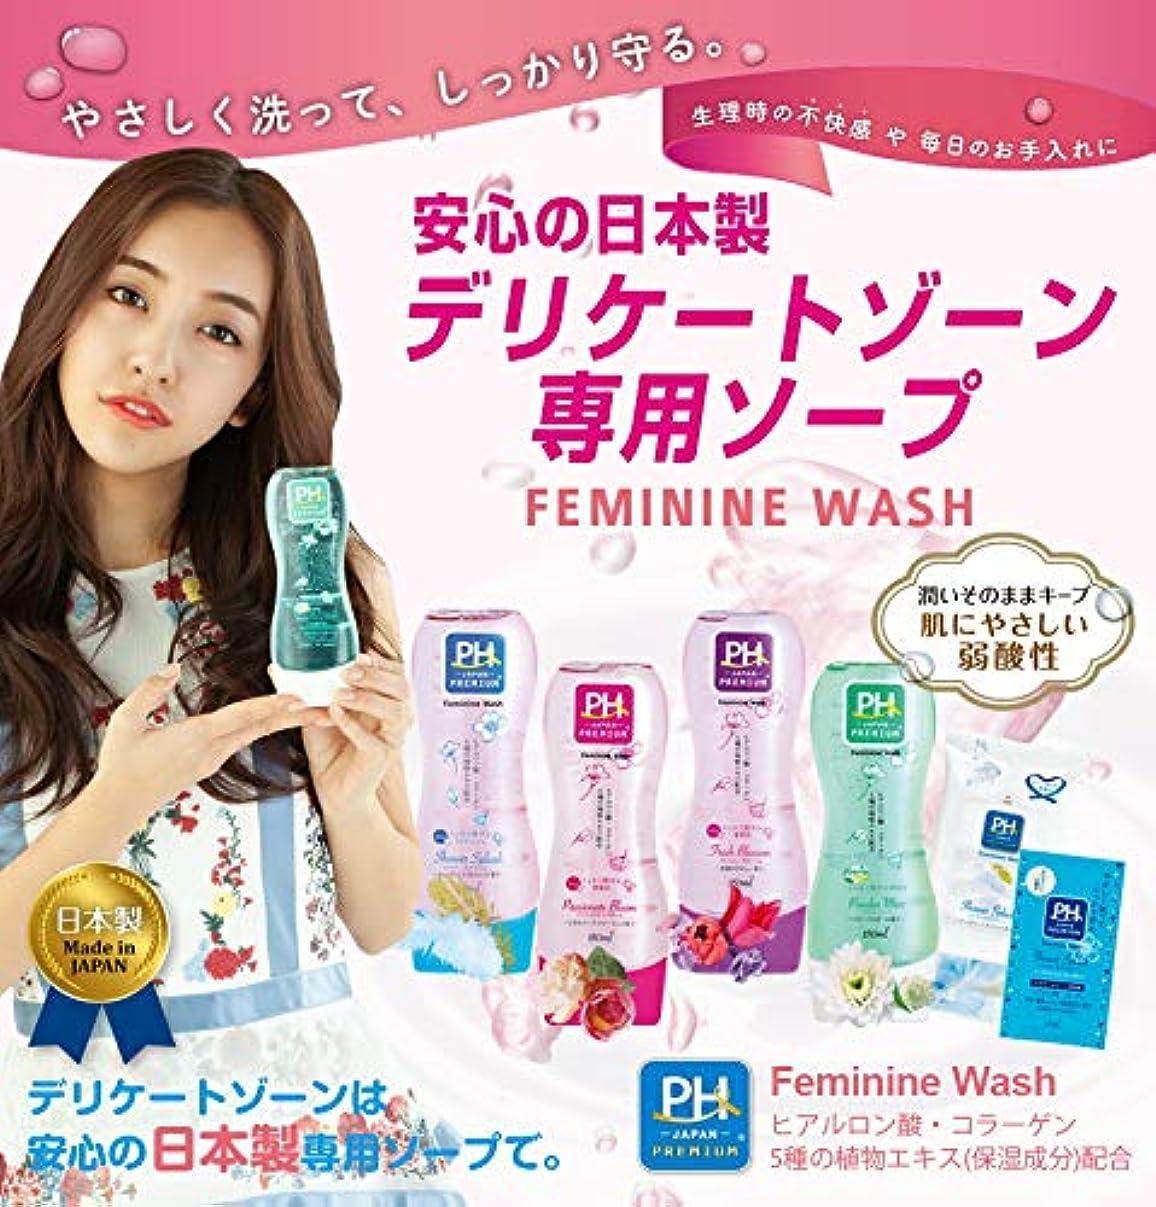 早熟長老リストPH JAPAN プレミアム フェミニンウォッシュ パッショネイトブルーム150ml上品なローズフローラルの香り 3本セット